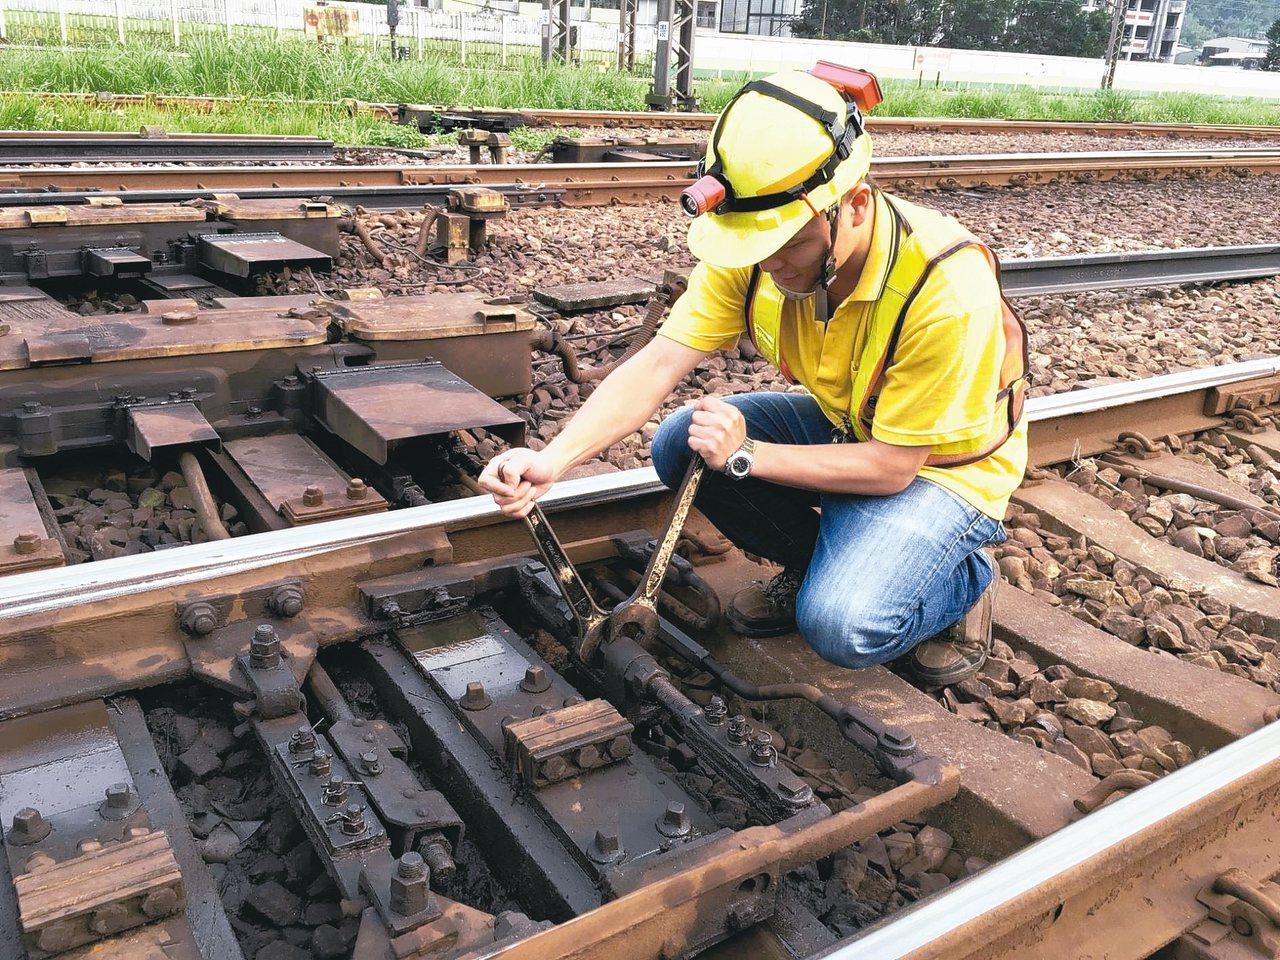 台鐵人力斷層大,維修保養沒有SOP,導致設備頻頻故障。 記者吳姿賢/攝影